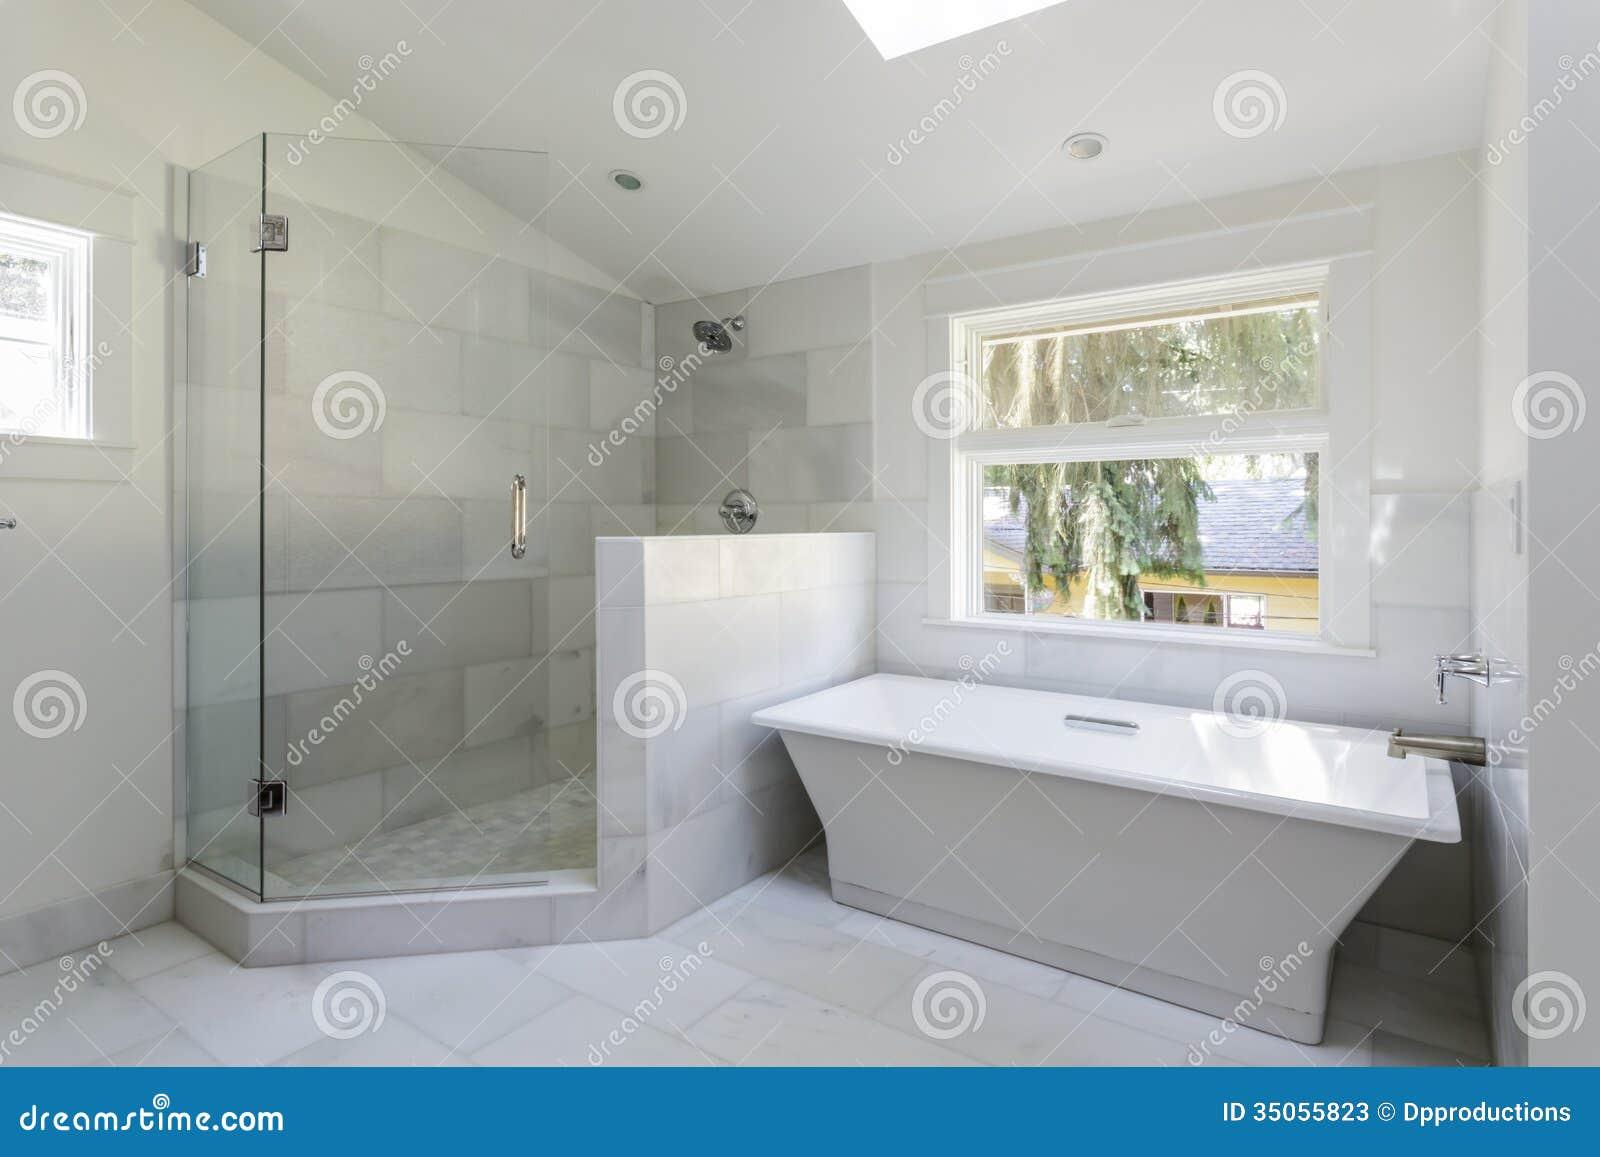 Salle de bains moderne avec la douche et la baignoire for Salle de bain douche ou baignoire